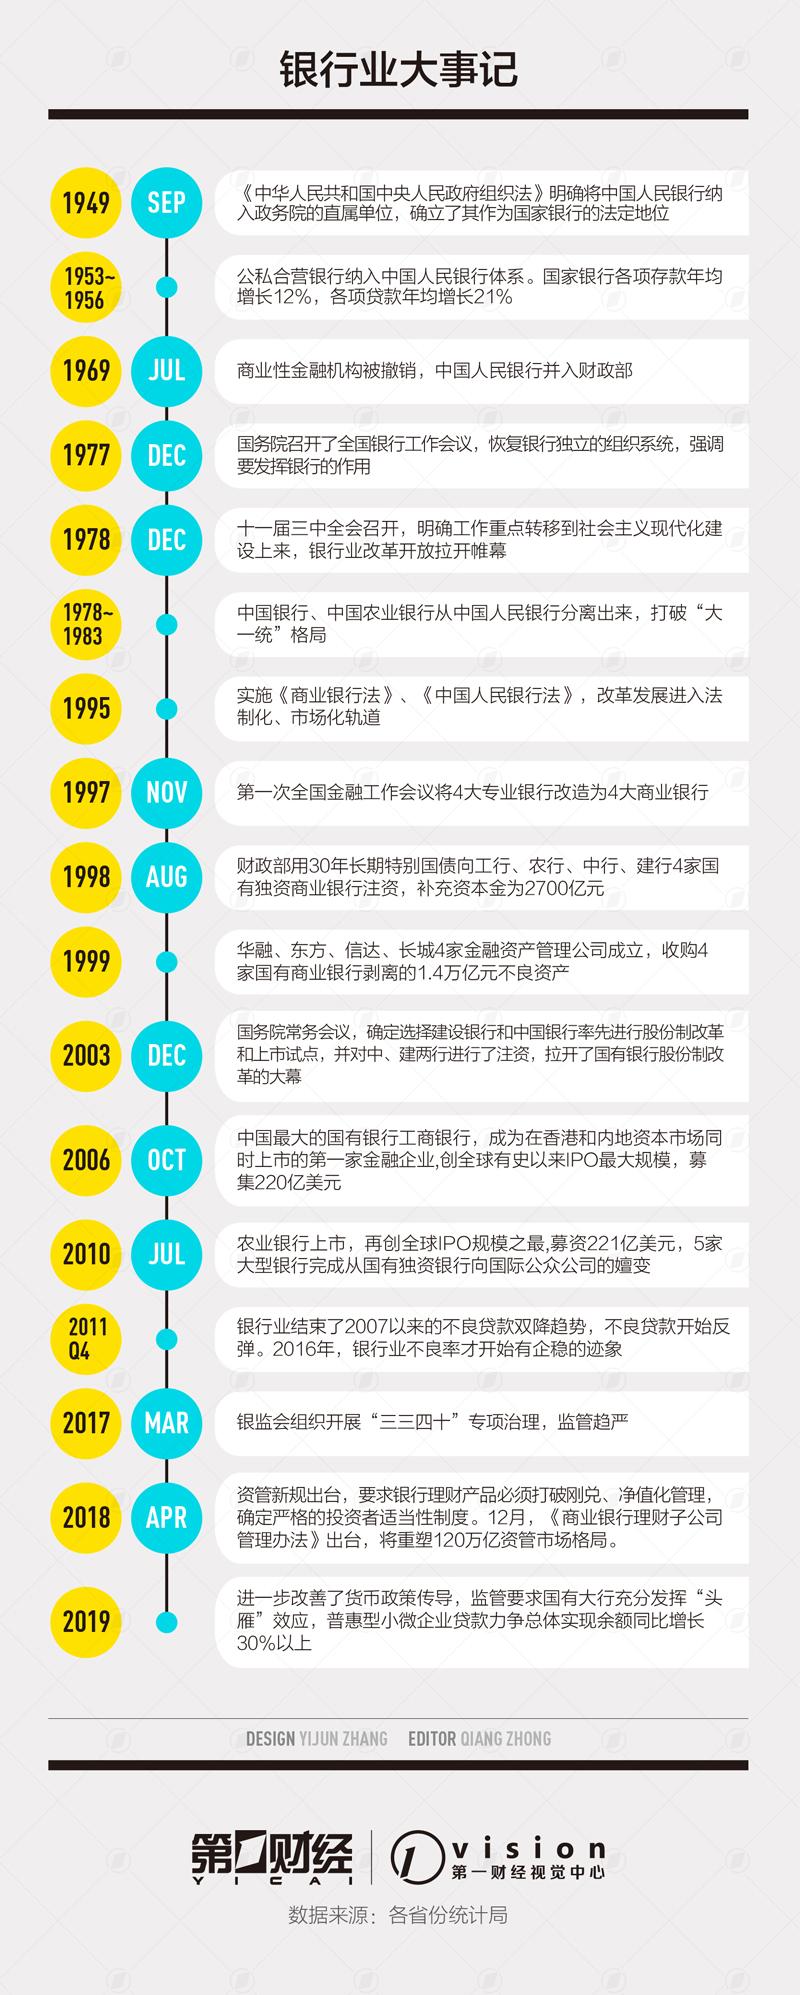 """银行业发展70周年:改革稳步推进,体现""""中国智慧"""""""